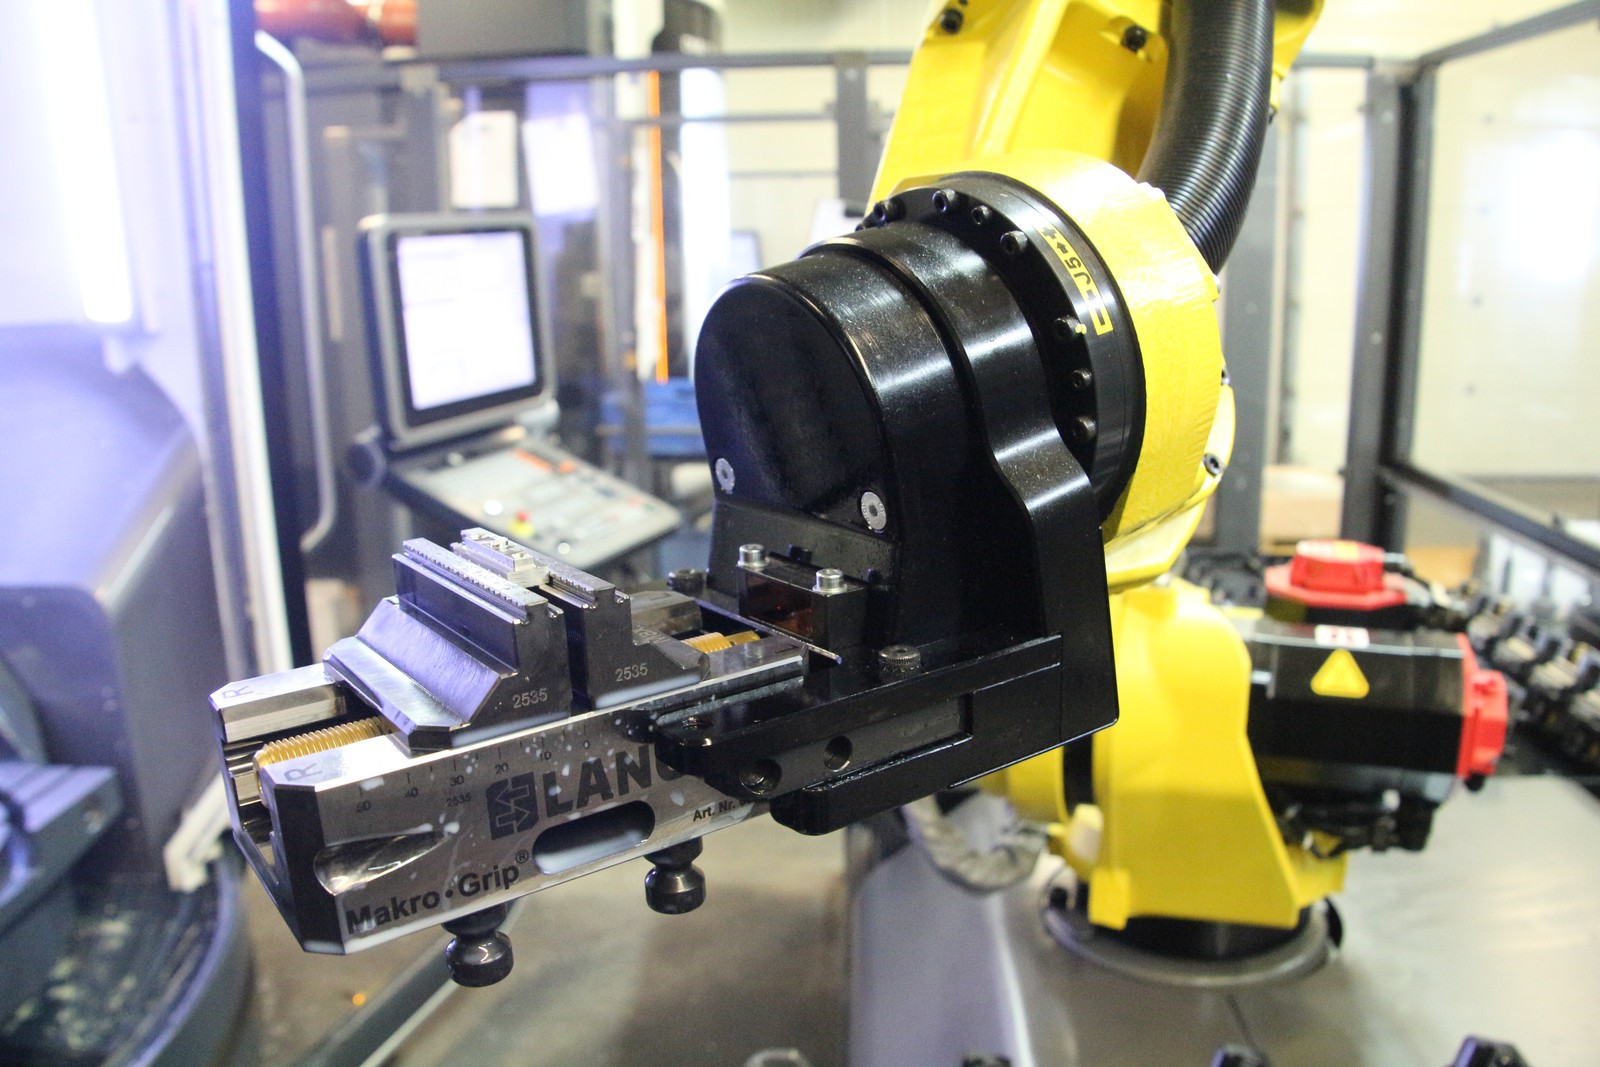 Voraussetzung ist ein stabiler Zerspanungsprozess: Dann lassen sich selbst Kleinteile effizient per Roboter automatisieren und rund um die Uhr fertigen. Ergebnis sind maximale Spindelkapazitäten - wie bei der Englert GmbH.